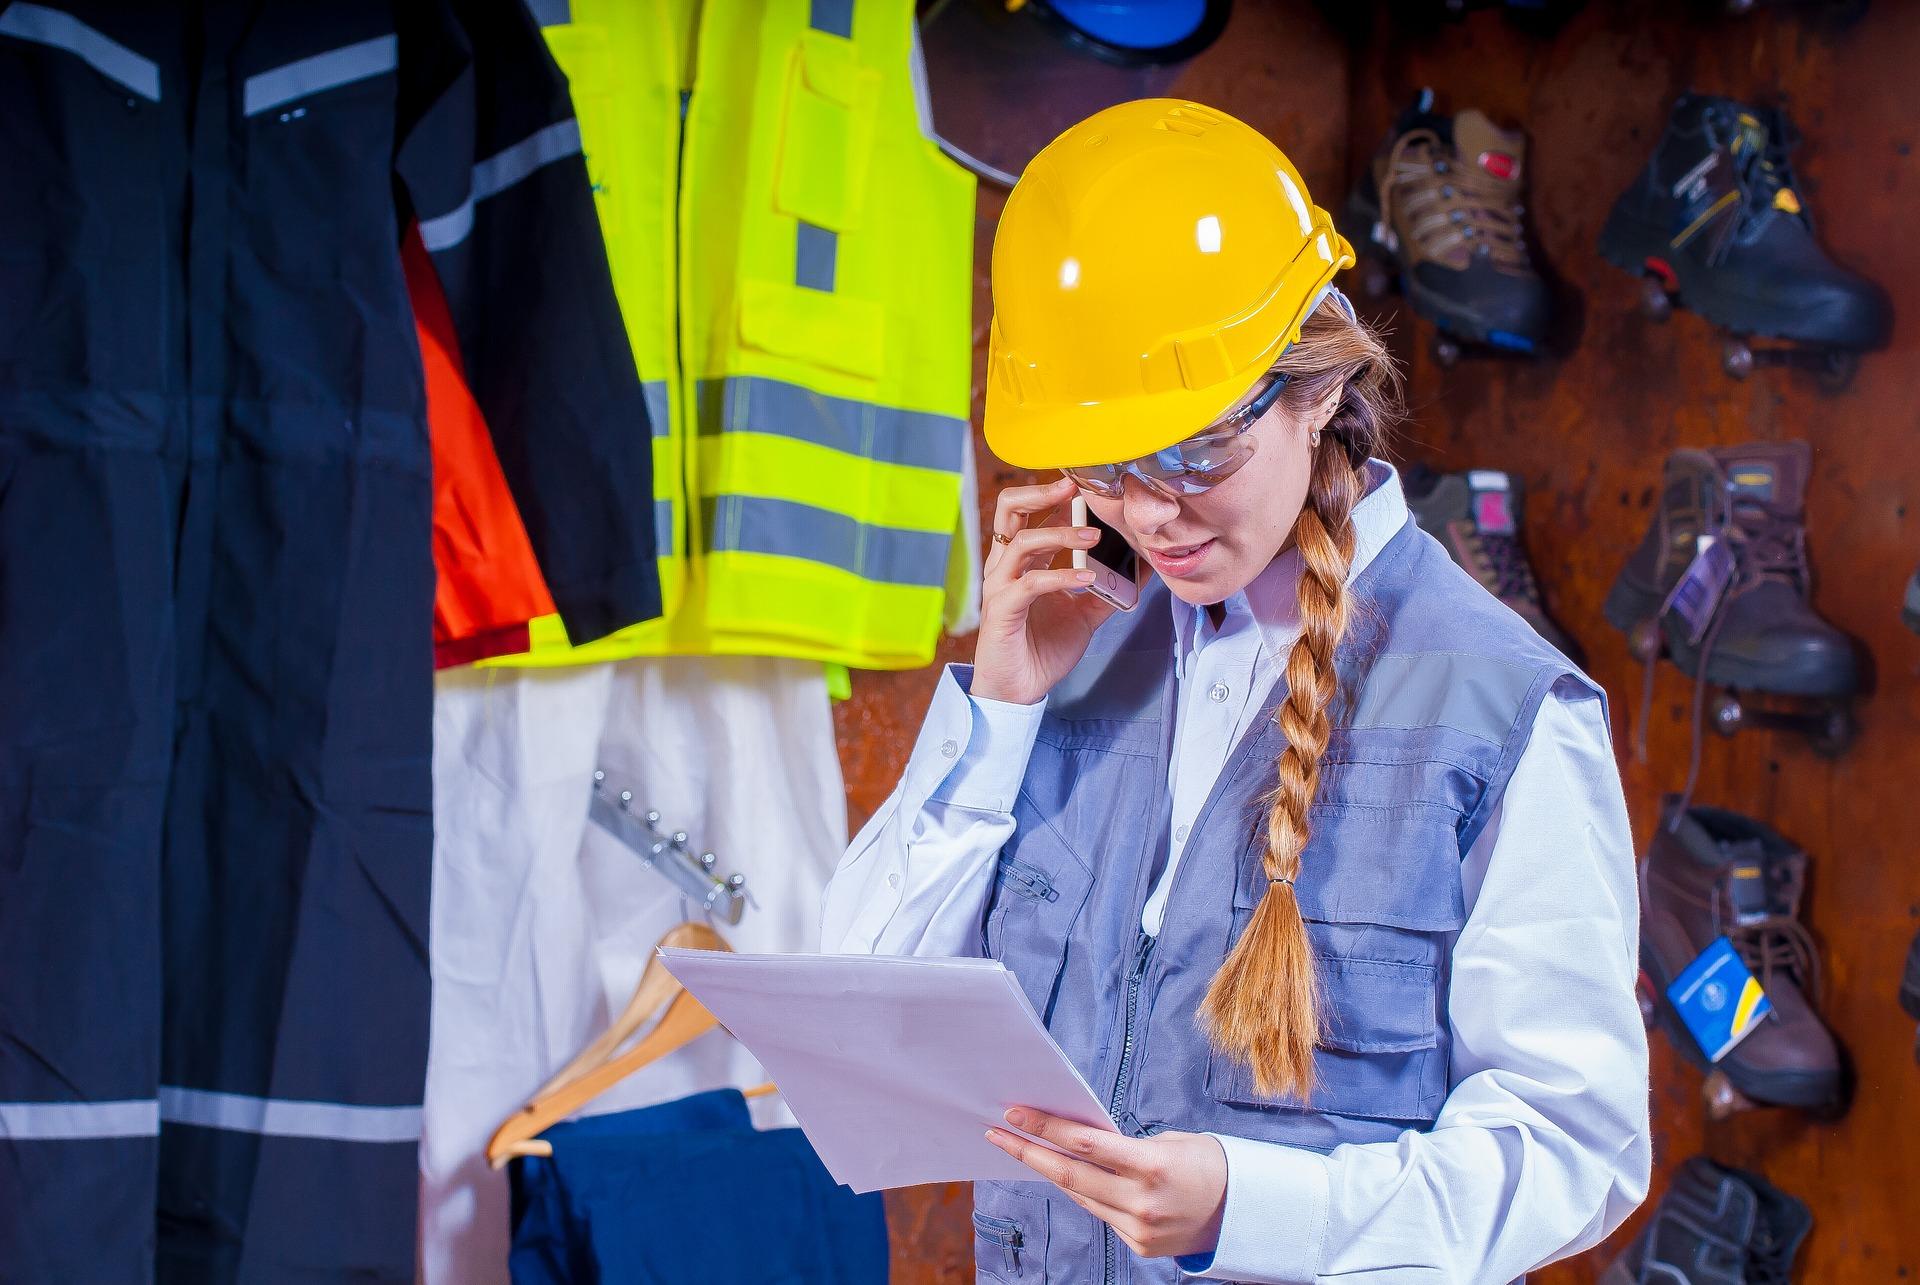 Työntekijä puhuu suojavarusteissa puhelimeen